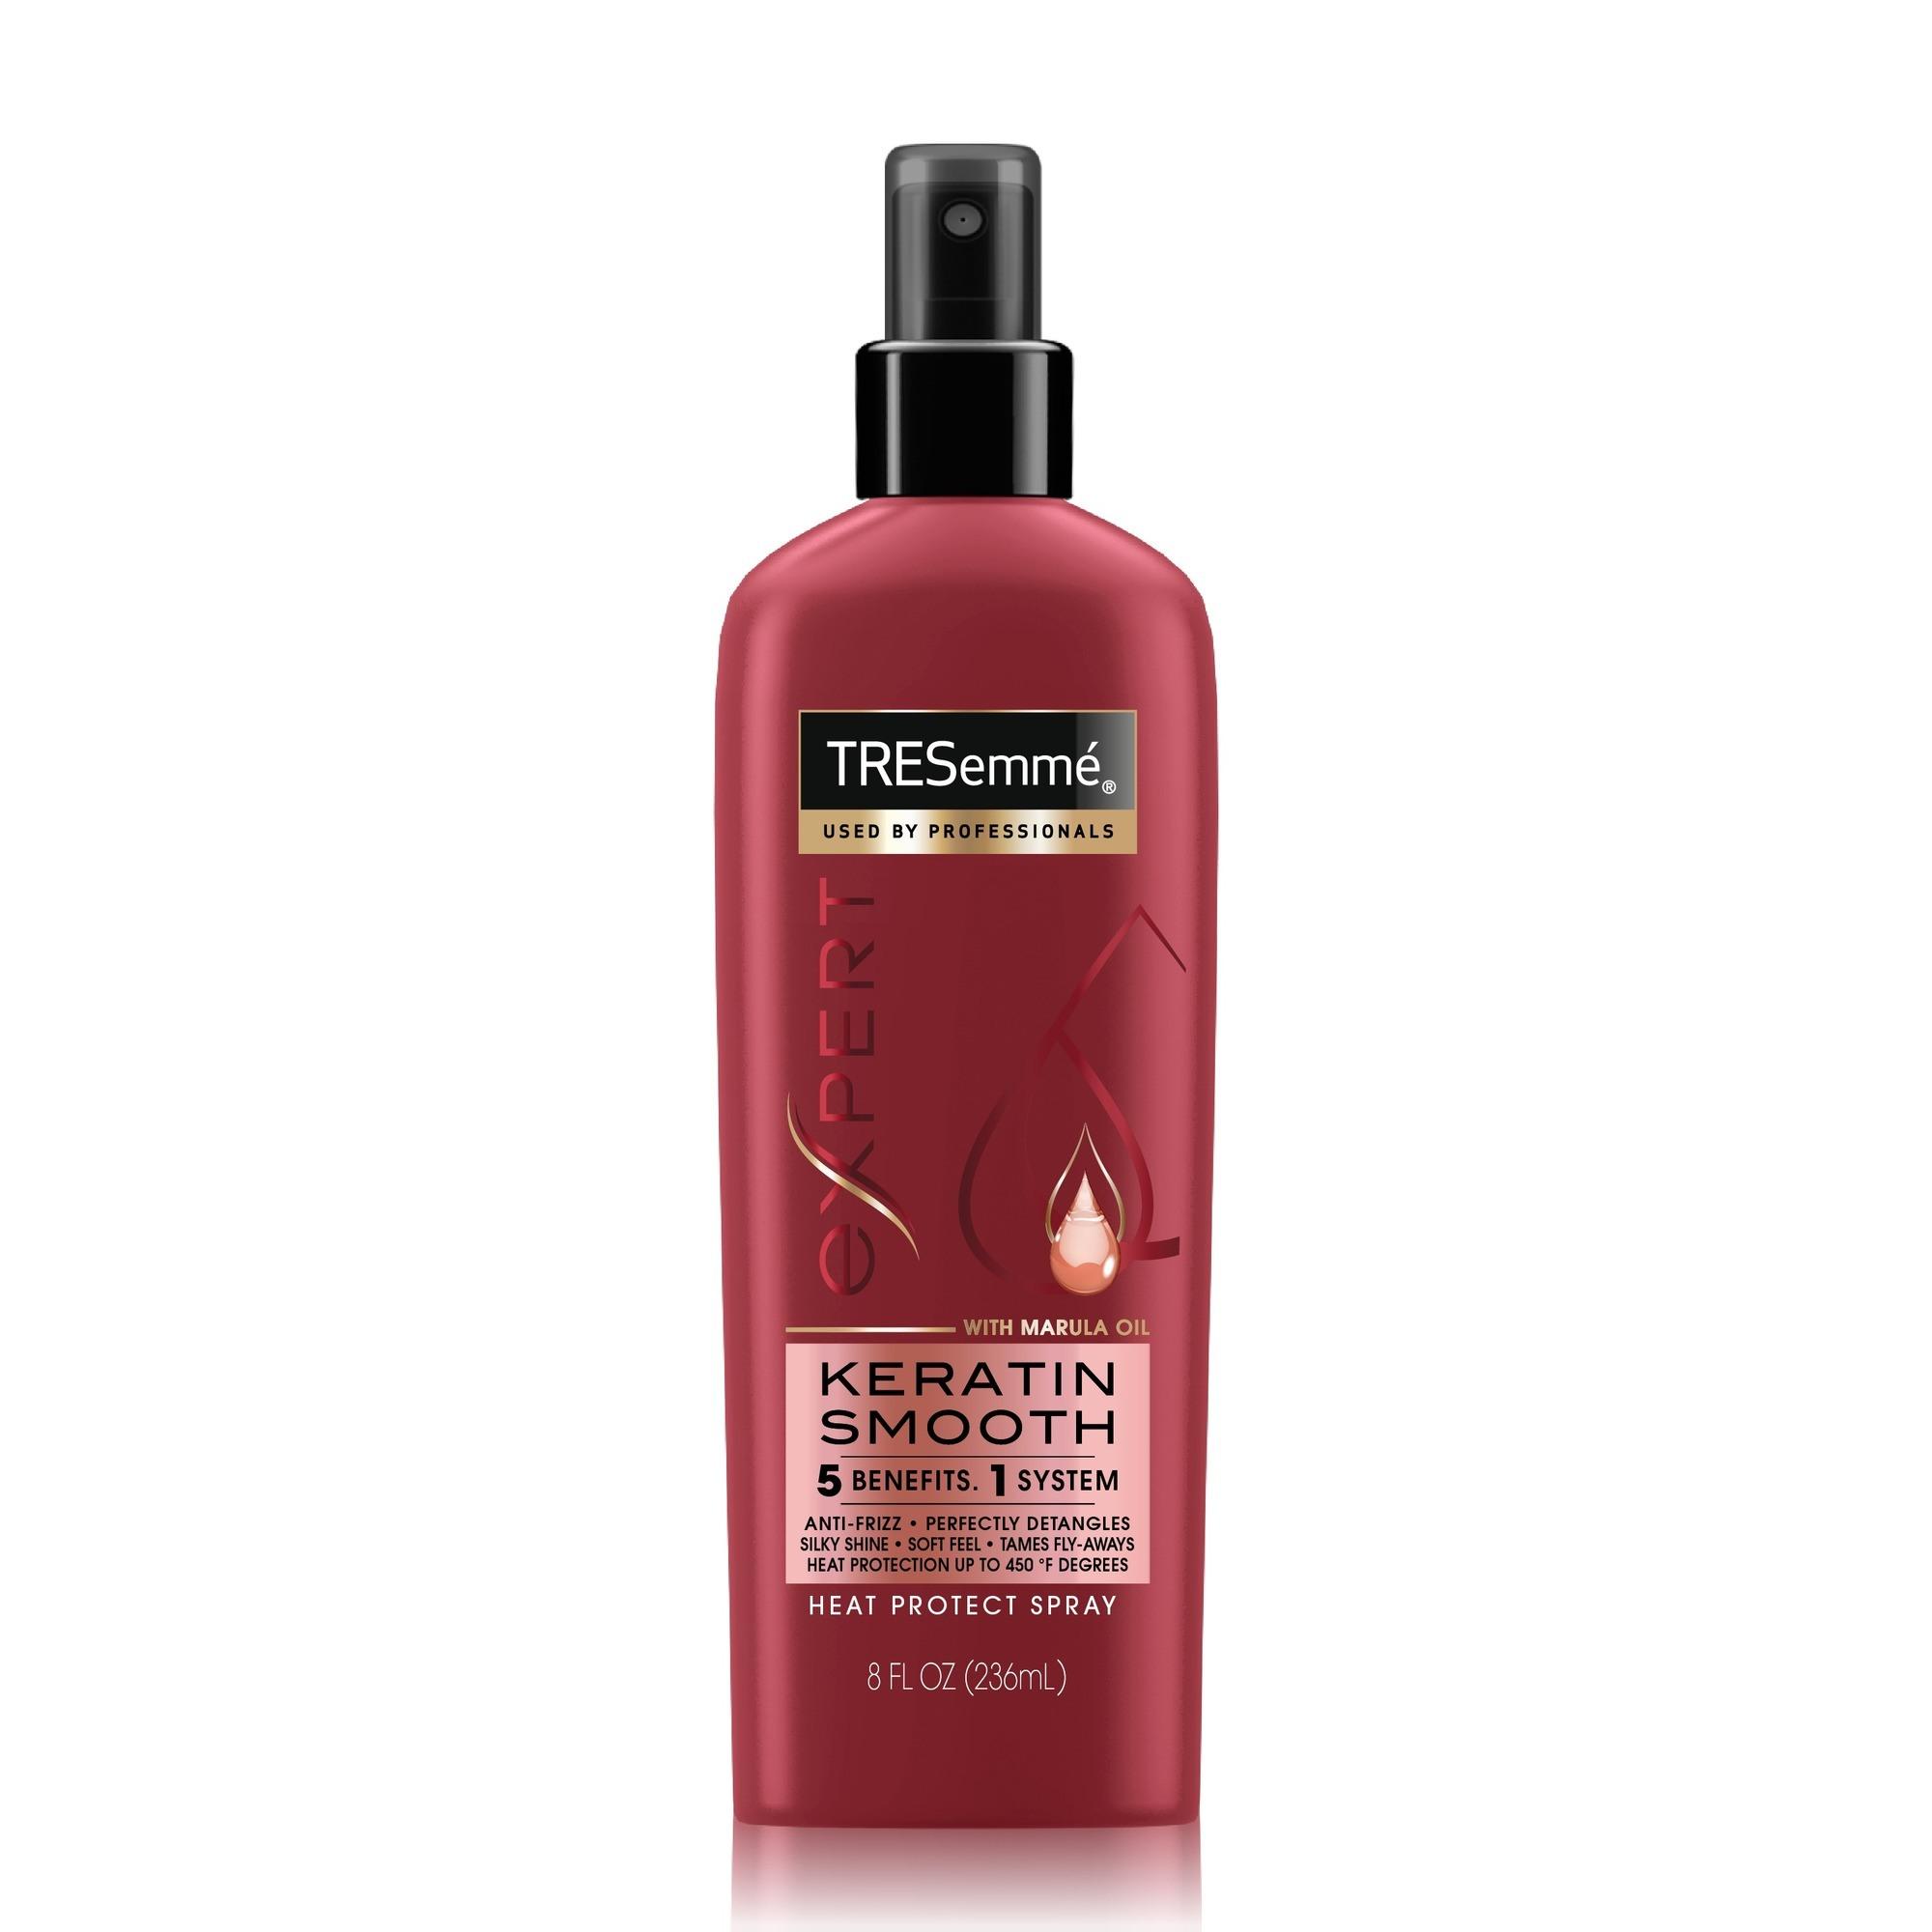 TRESemmé Keratin Smooth Heat Defense Spray